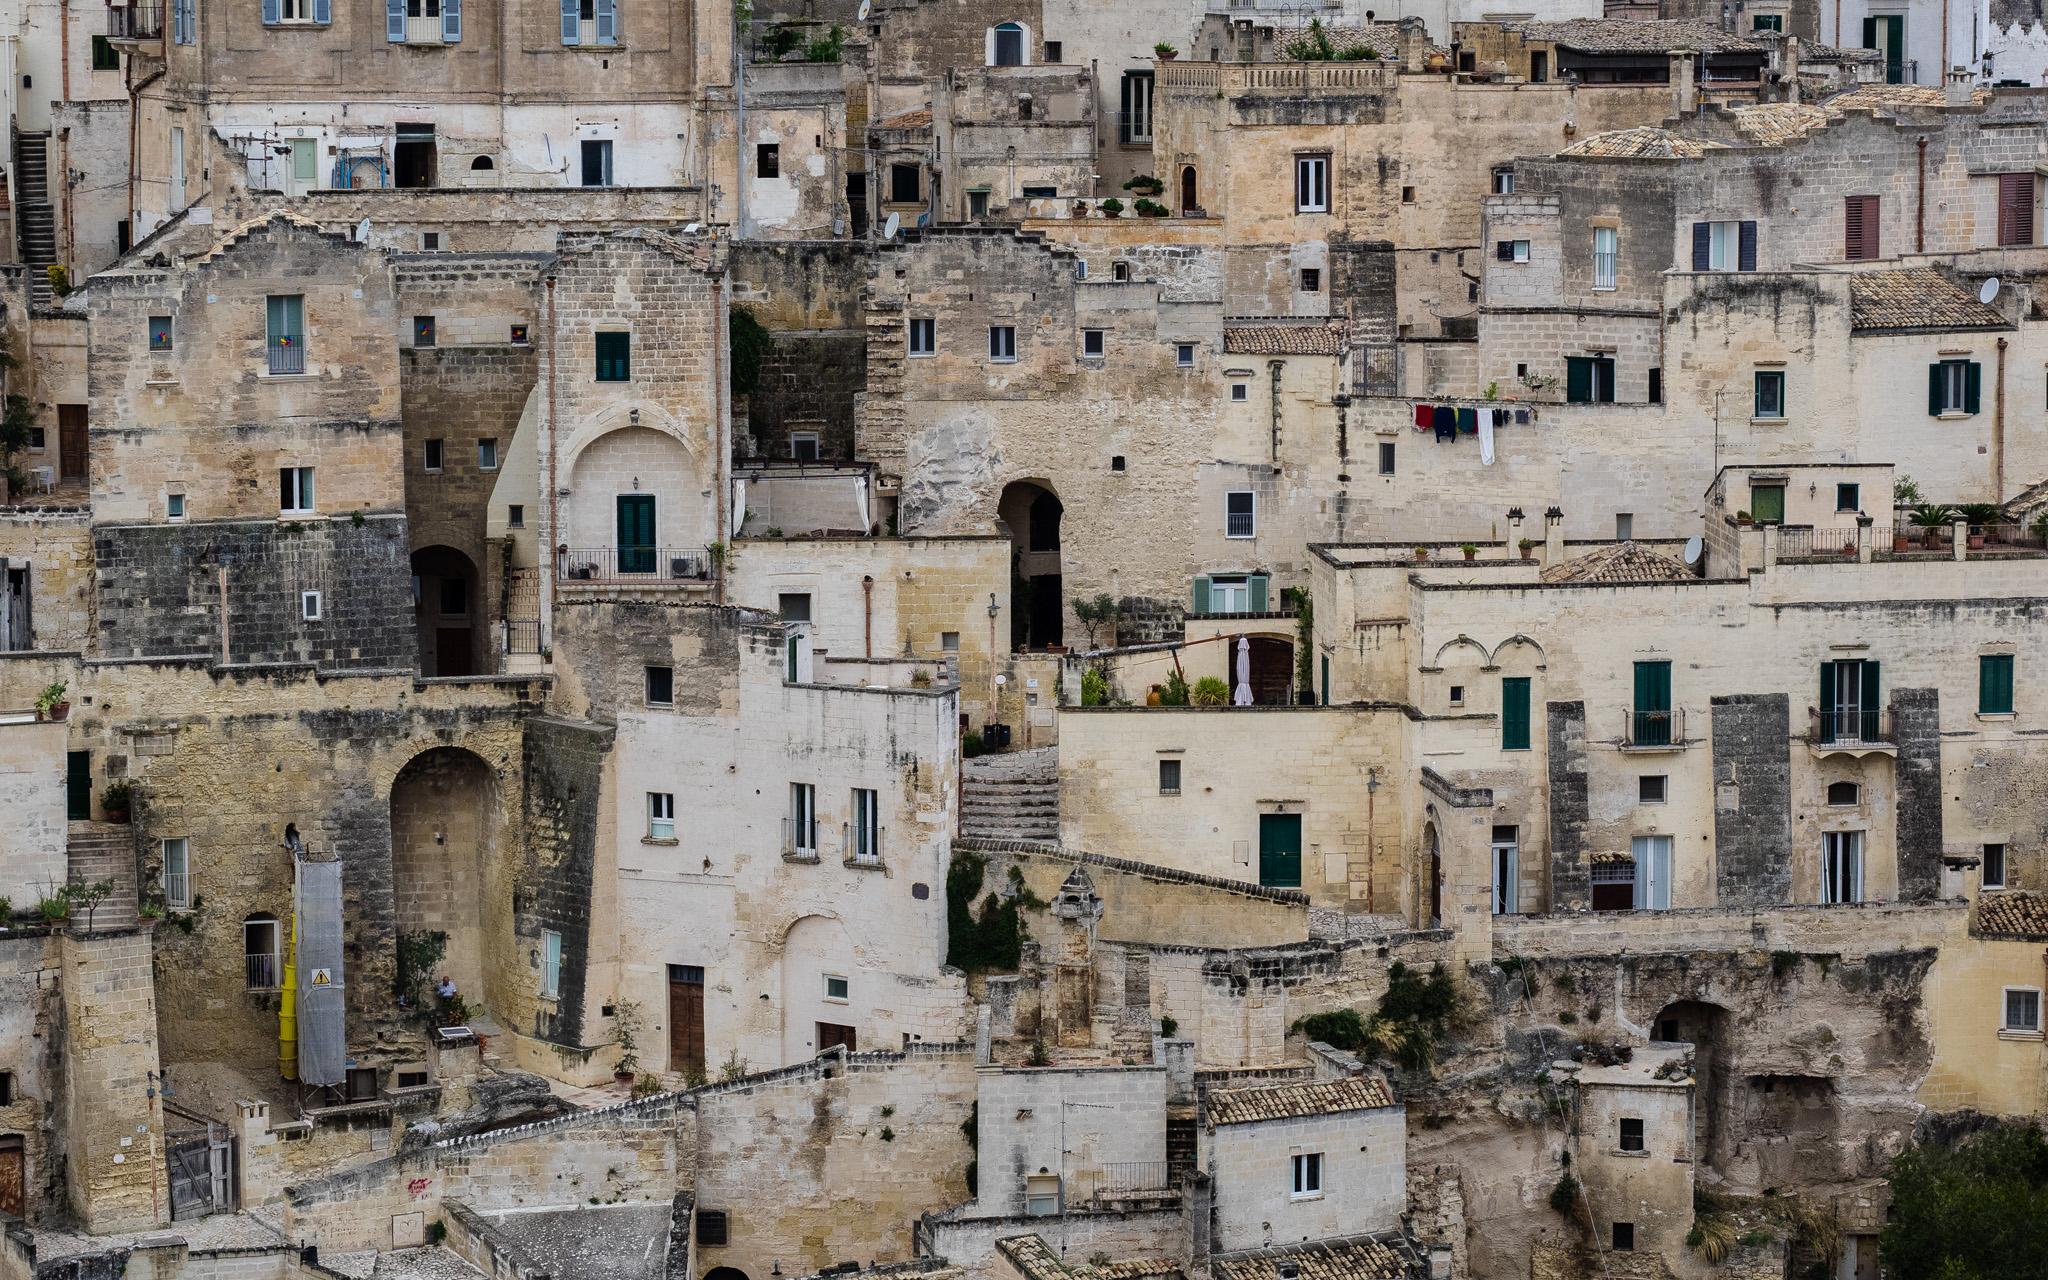 Sassi, Matera, Basilicata, Italy